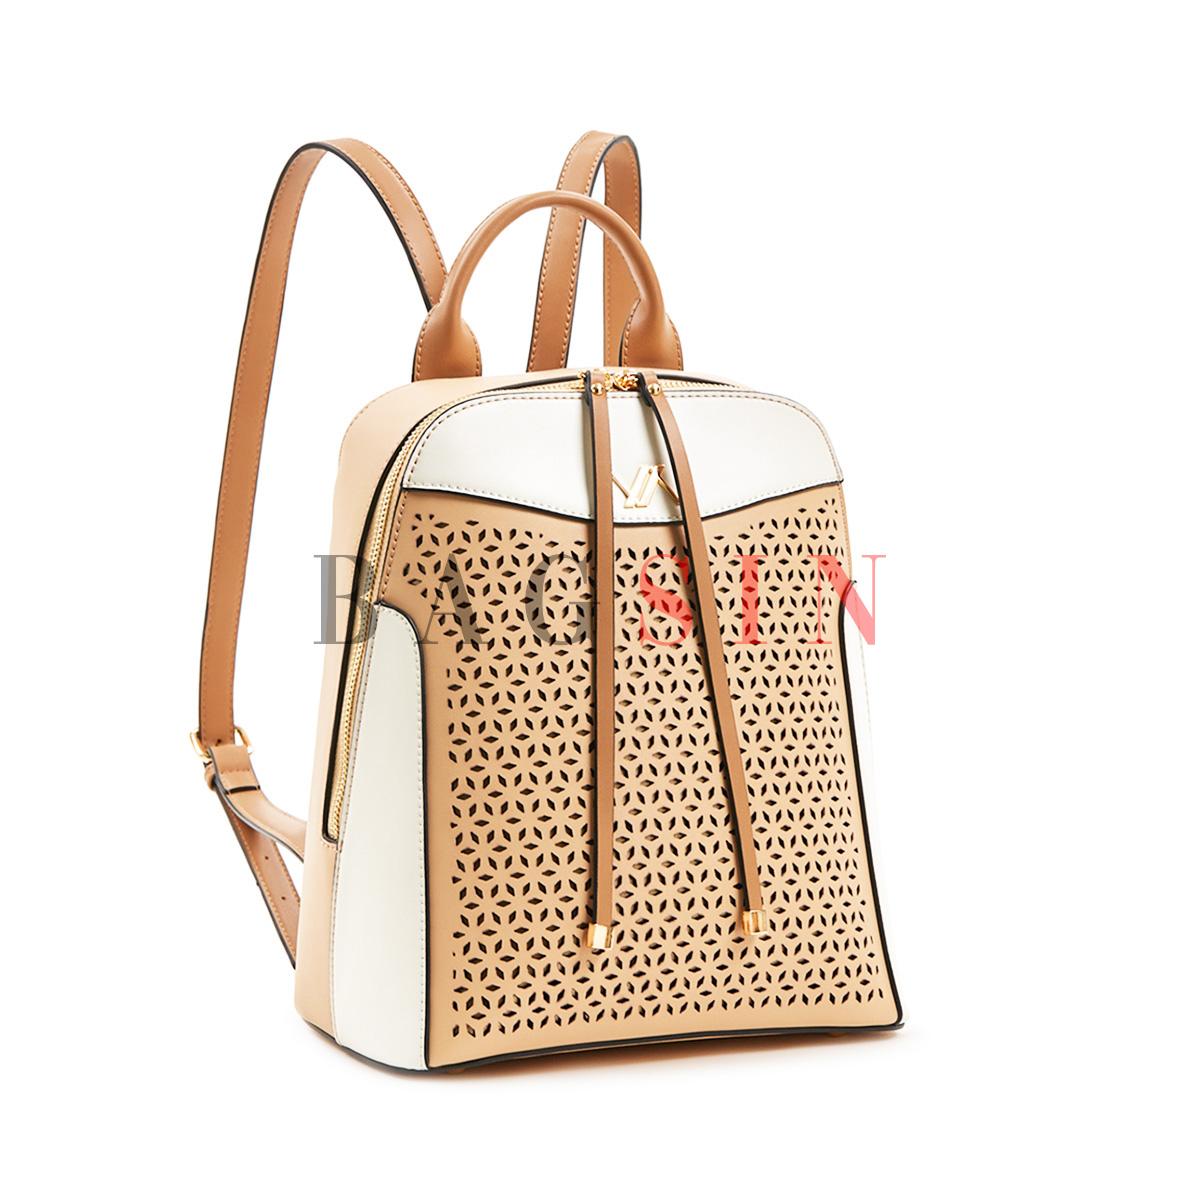 Σακίδιο Πλάτης Verde Backpack 16-5901 Διάτρητο Μπεζ-Λευκό